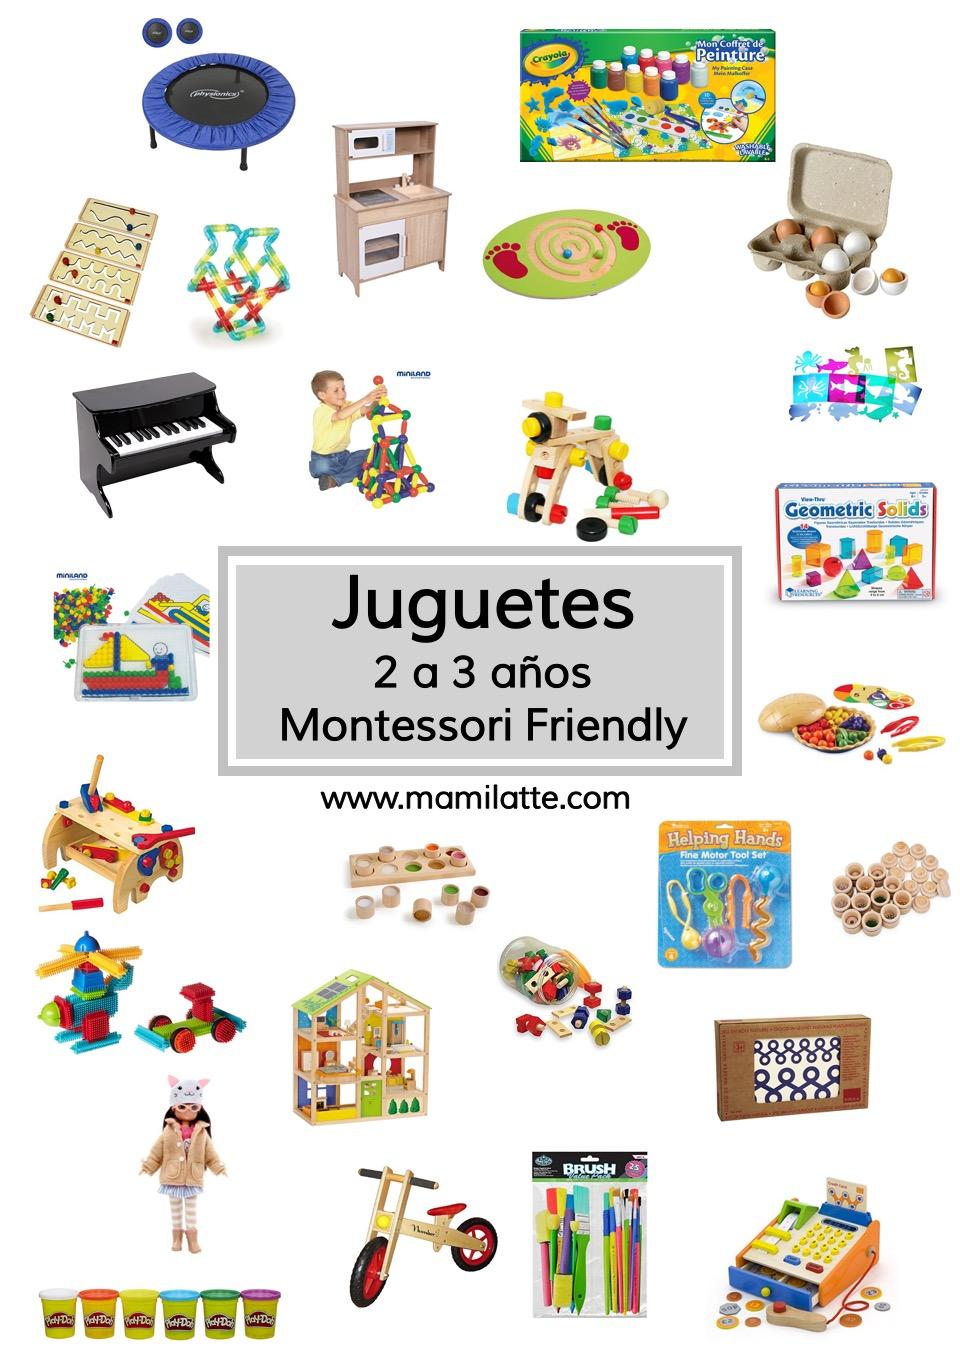 Mamilatte Juguetes De 2 A 3 Anos Montessori Friendly